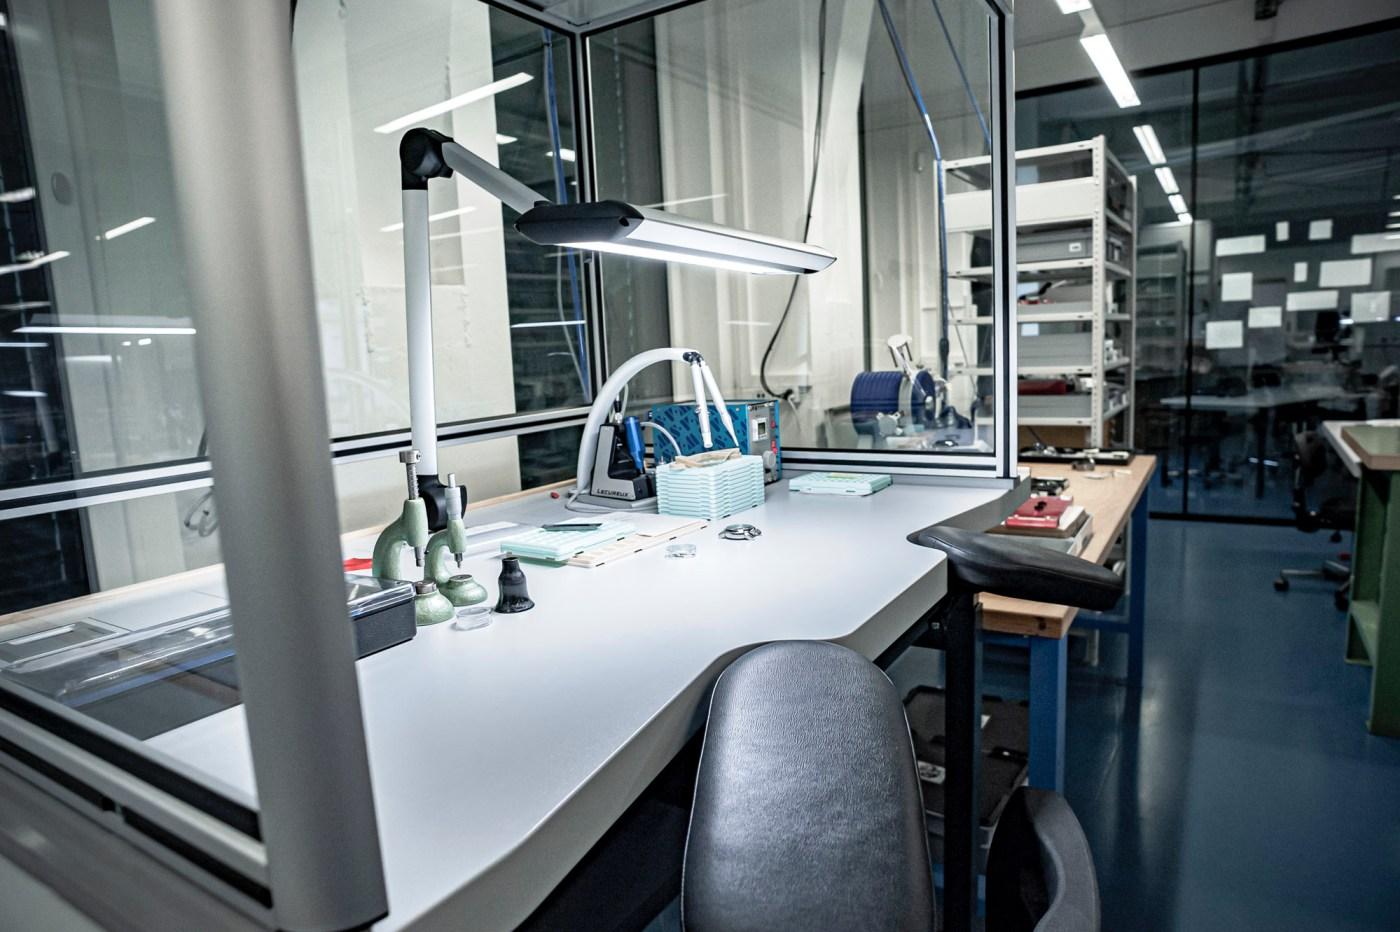 Horage Workshops Biel/Bienne